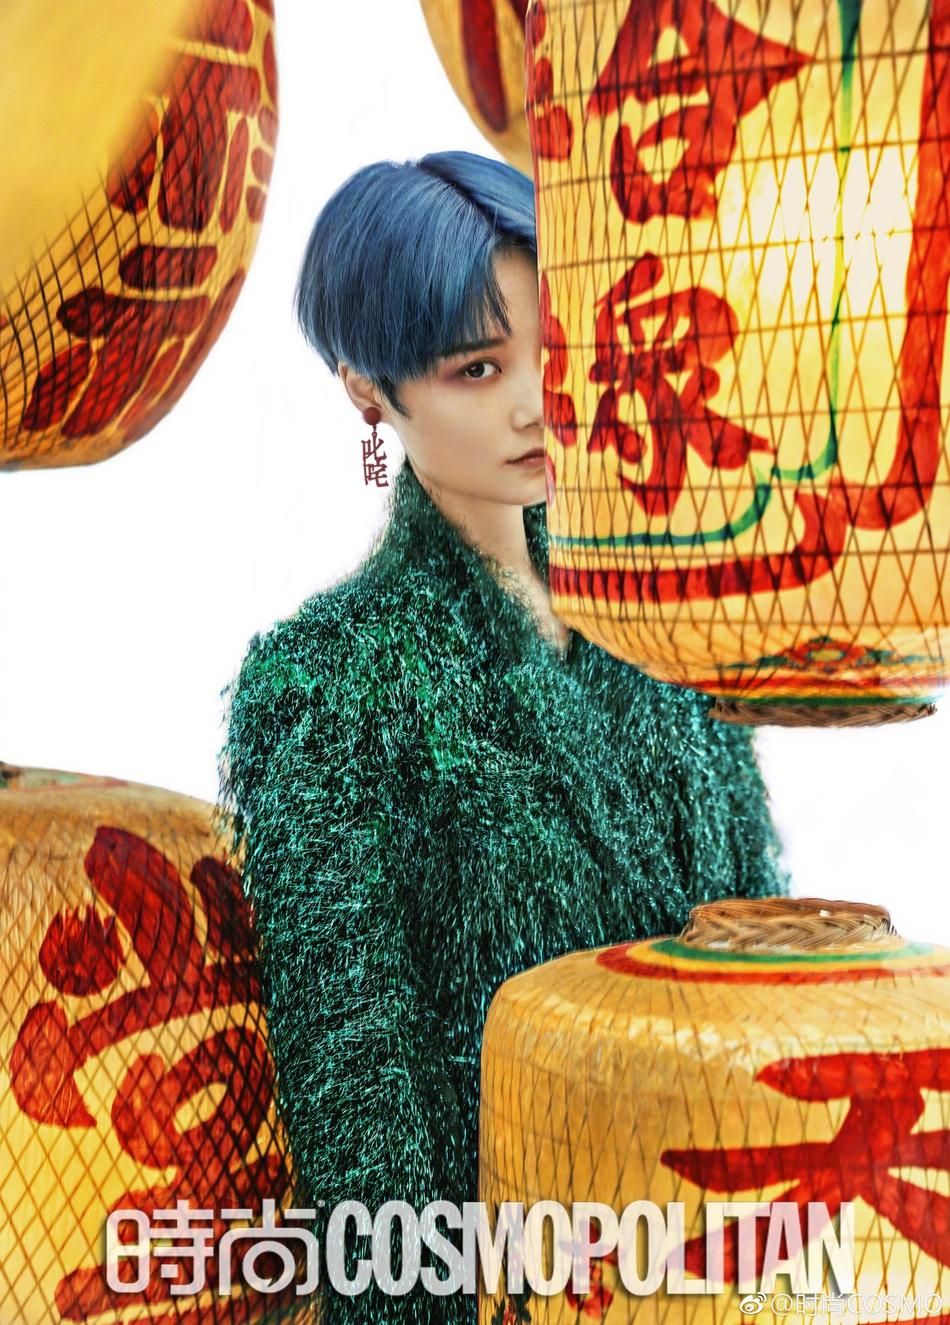 李宇春个性配饰撞上传统灯笼,构造别样中国风!